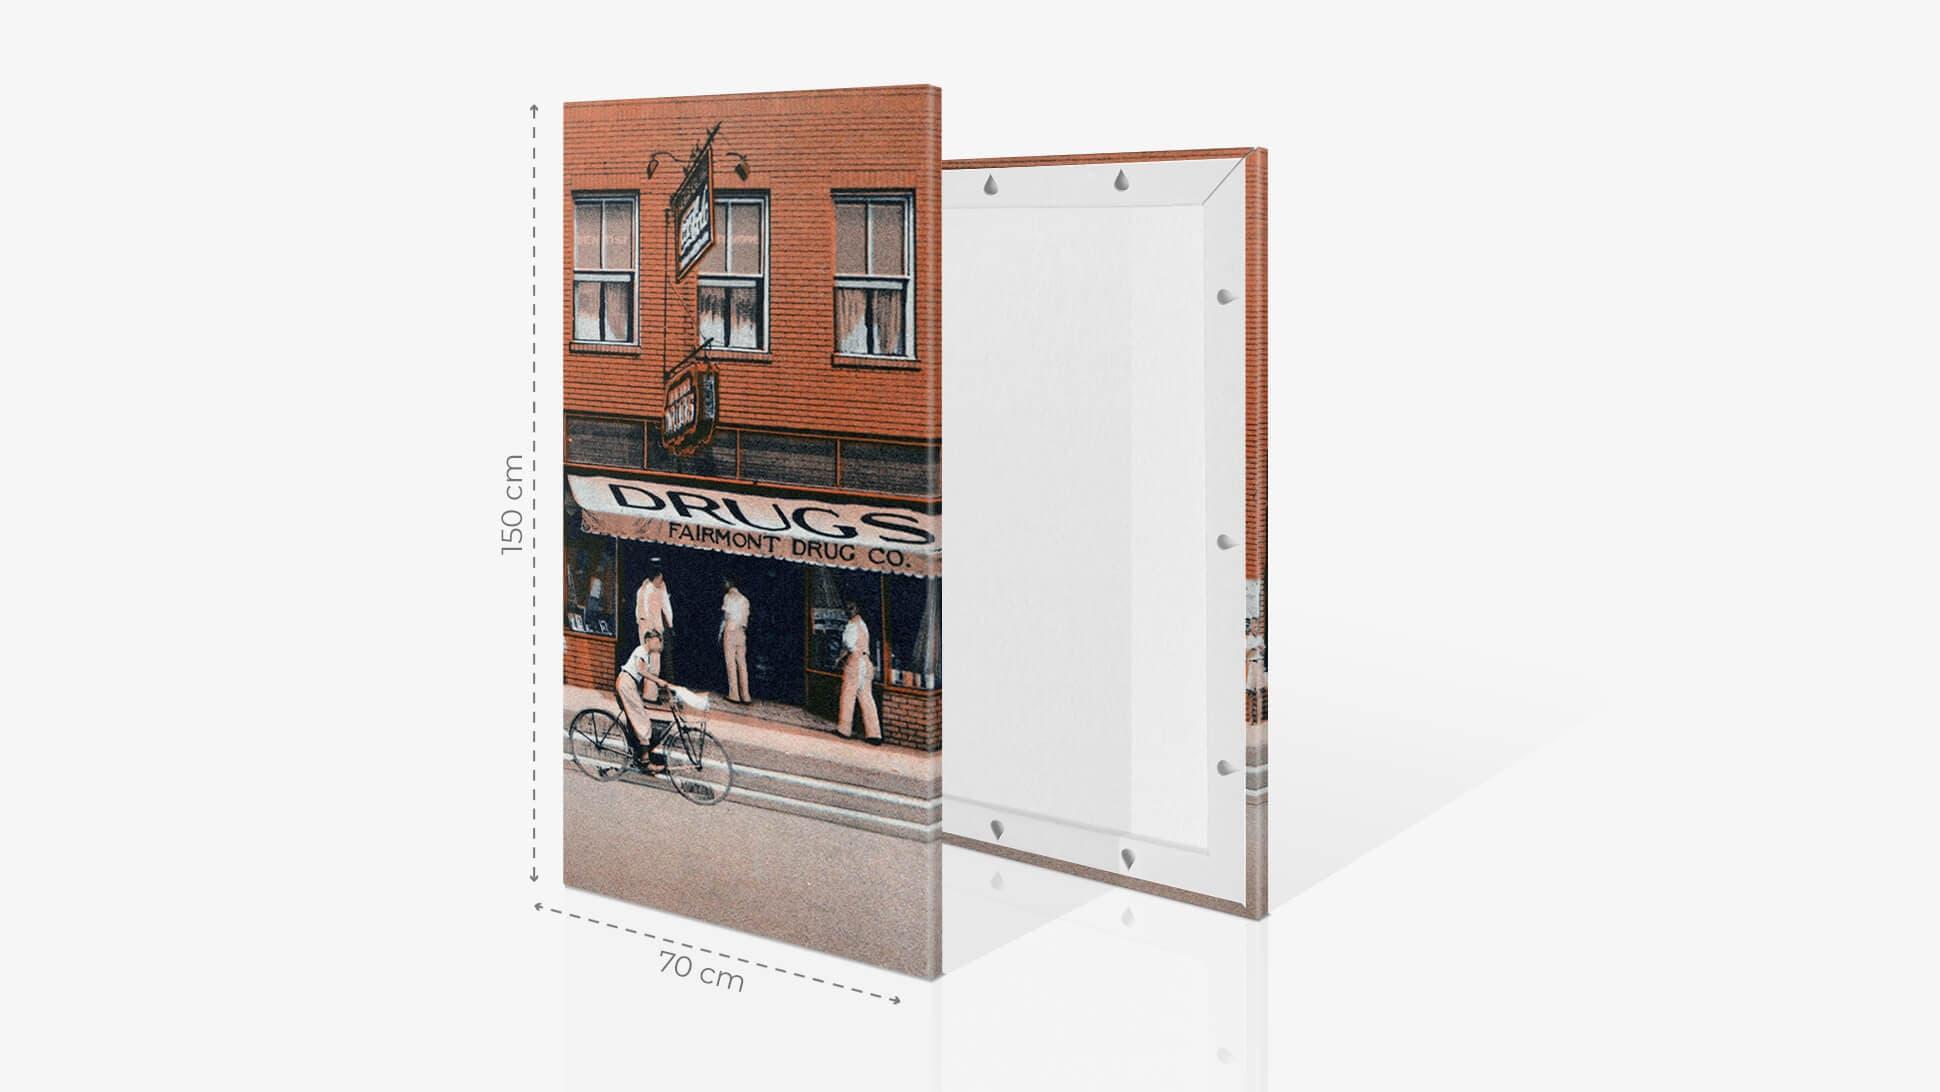 Fotoquadro 70x150cm con grafica | tictac.it